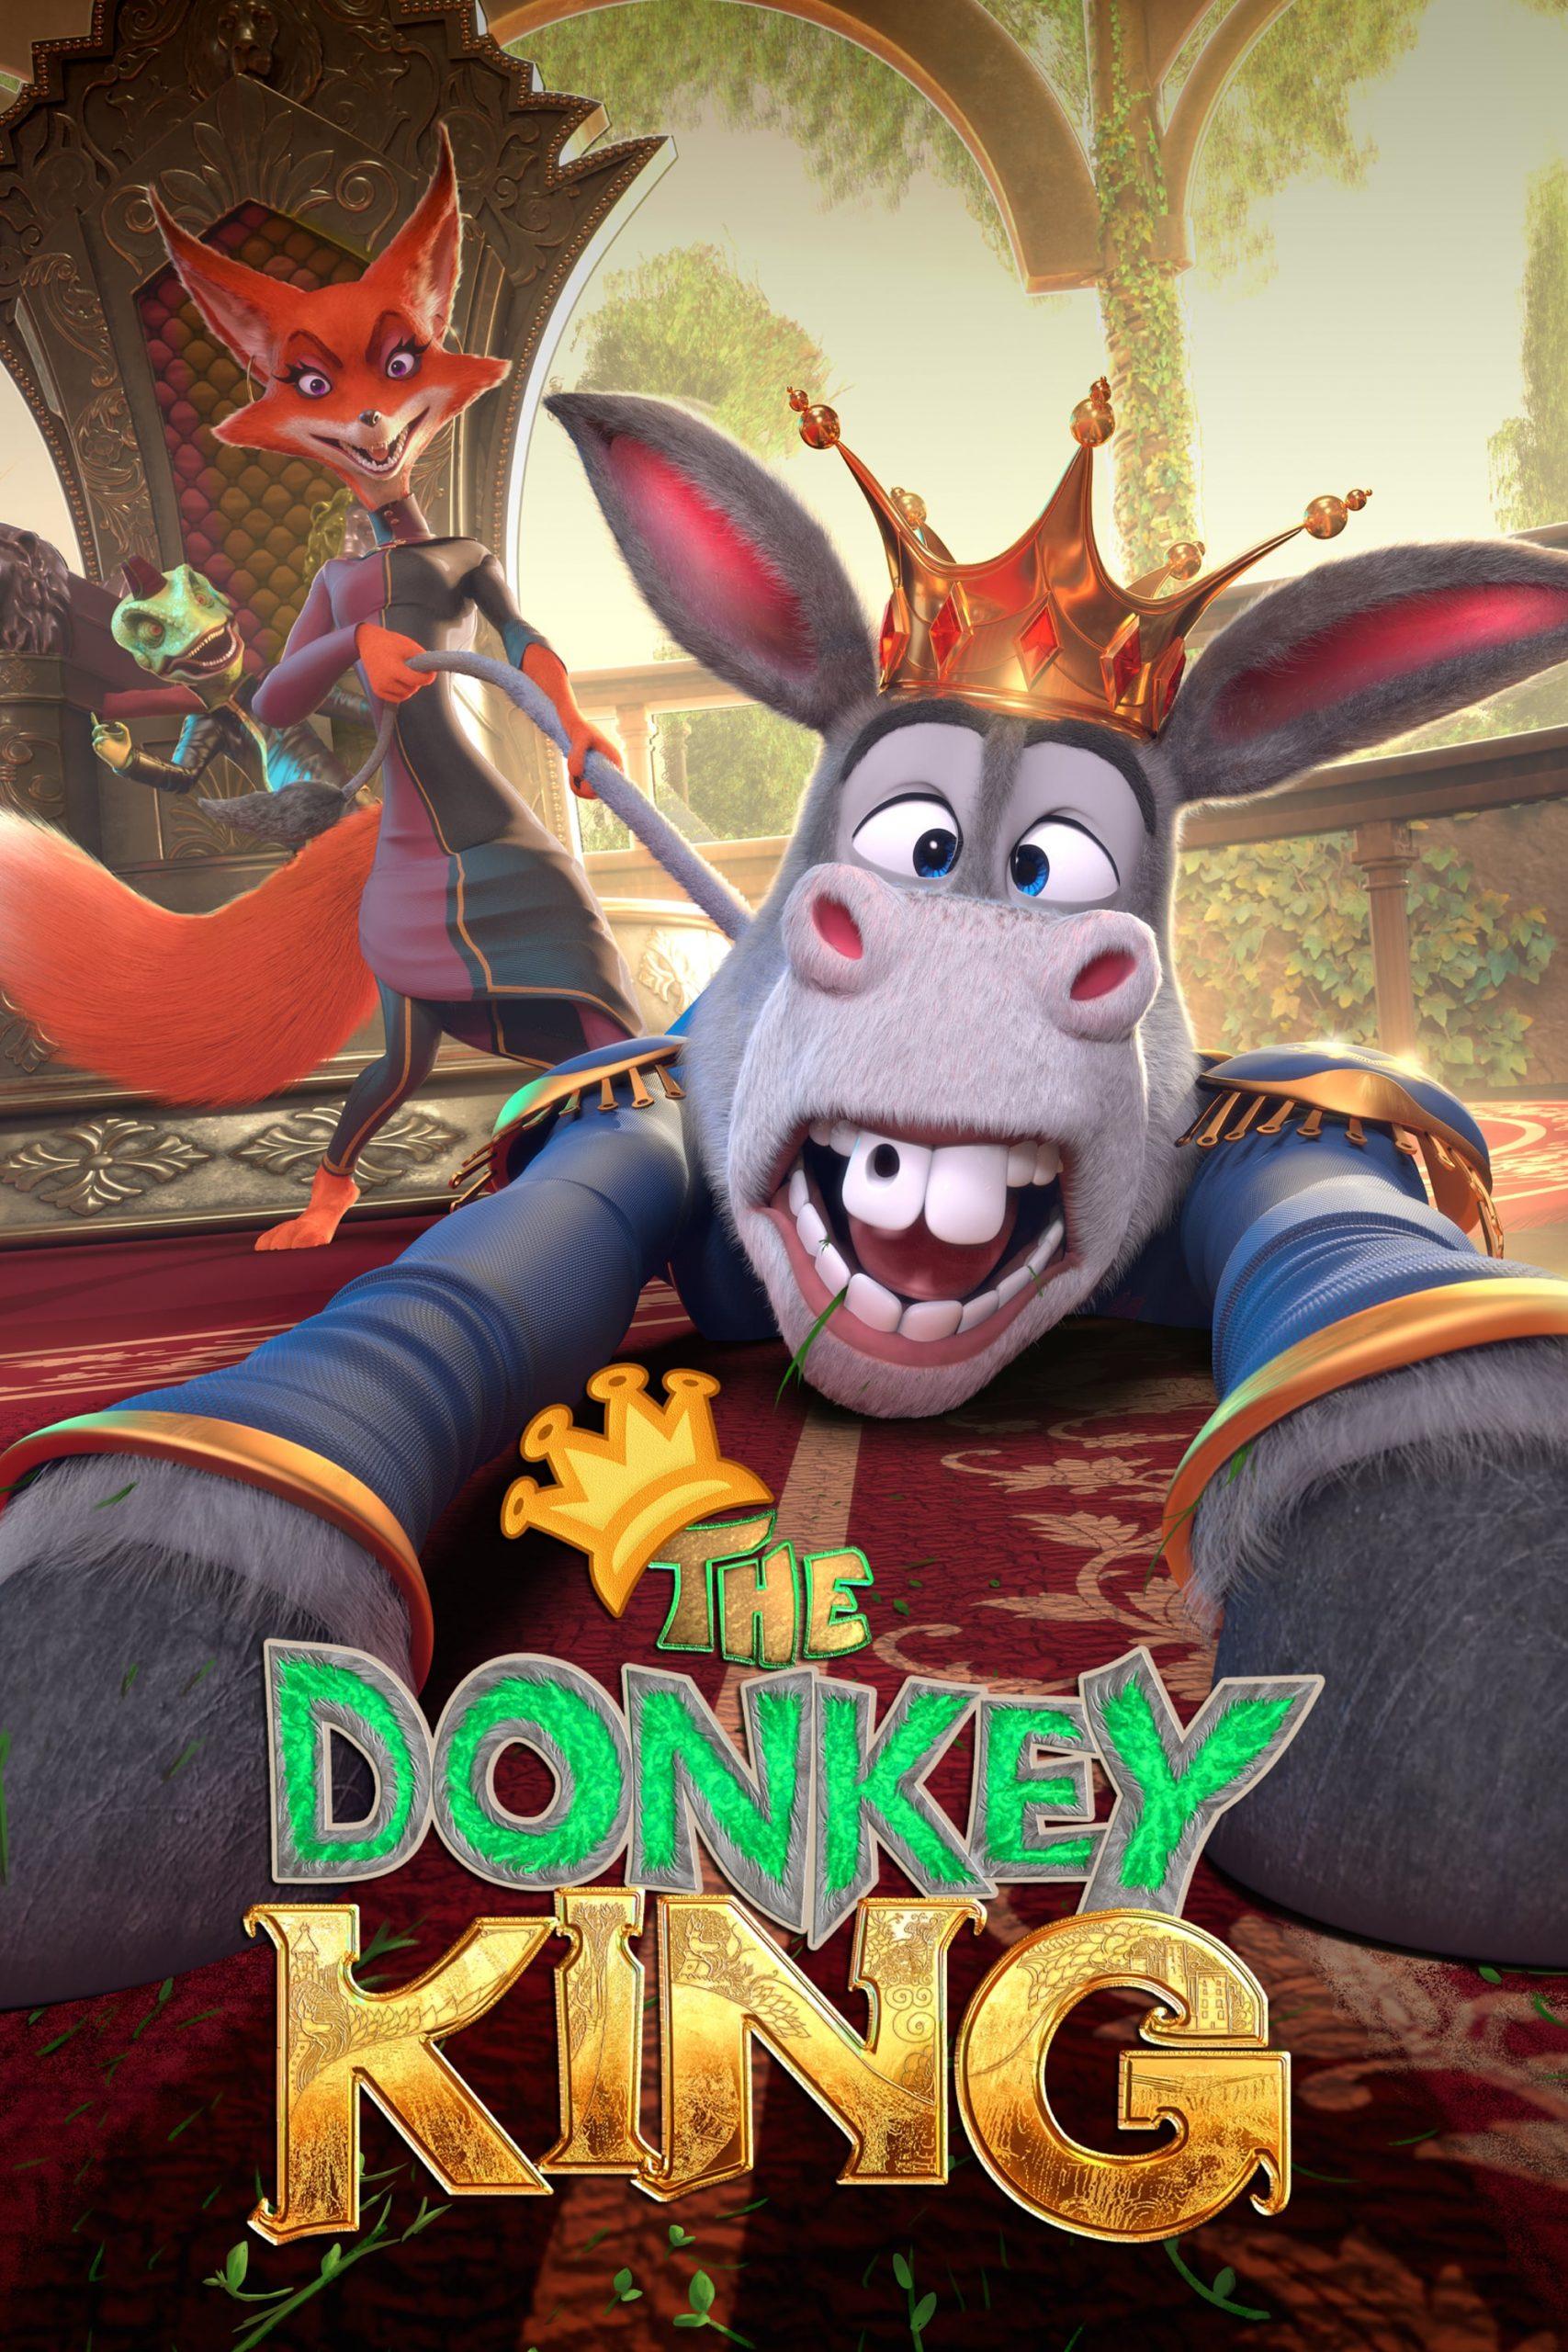 دانلود انیمیشنThe Donkey King 2018 با دوبله فارسی